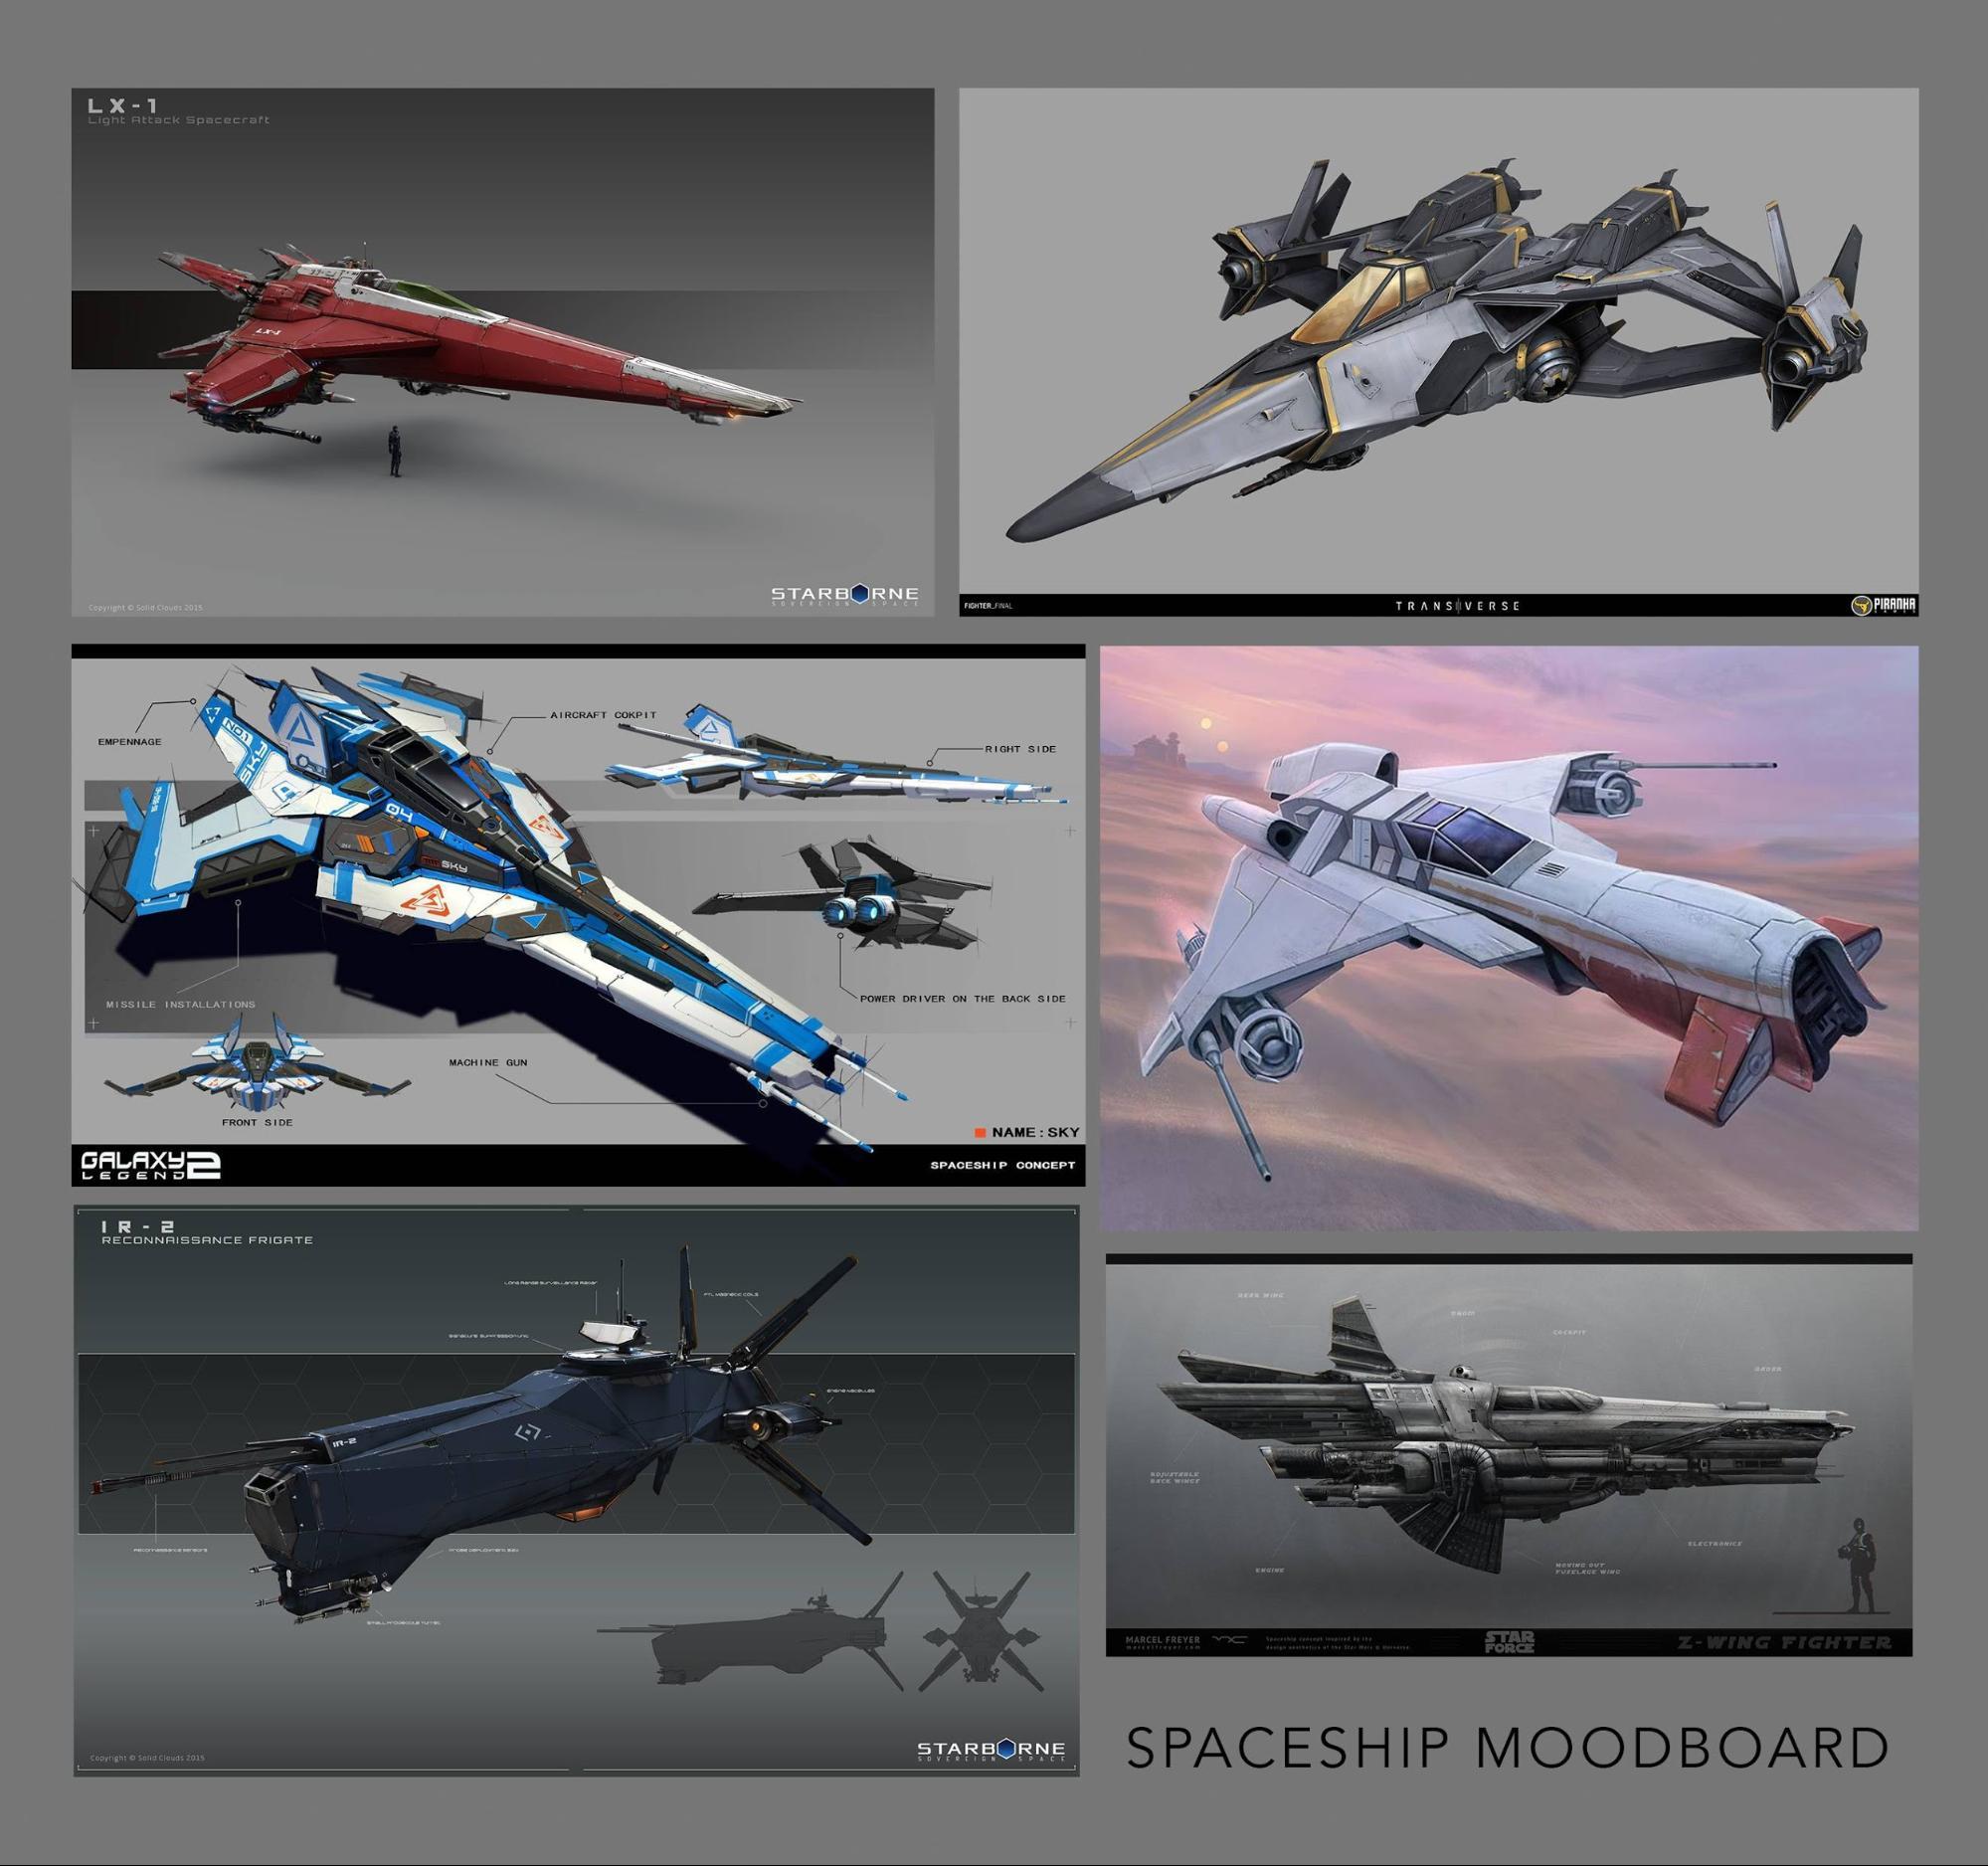 spaceship moodboard